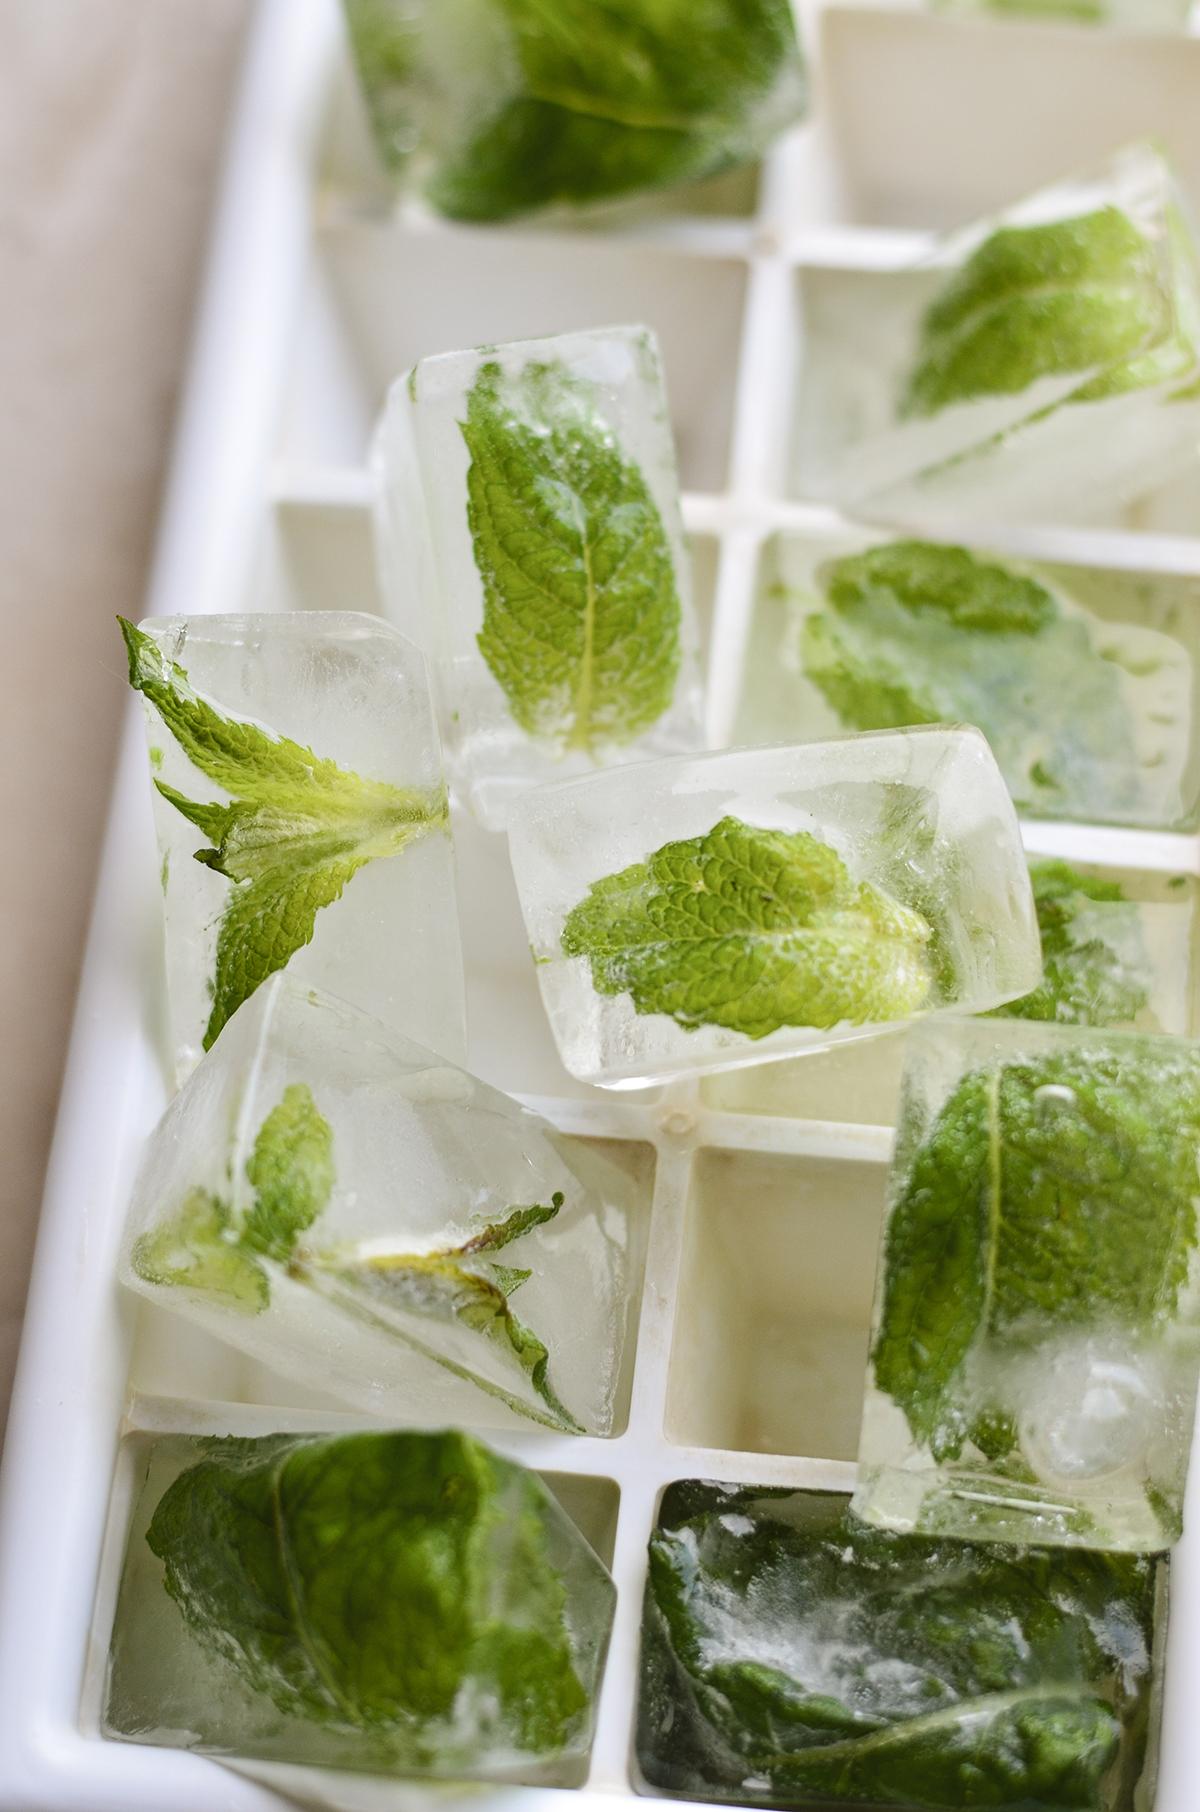 ledukai su mėtomis skanios dienos (6)